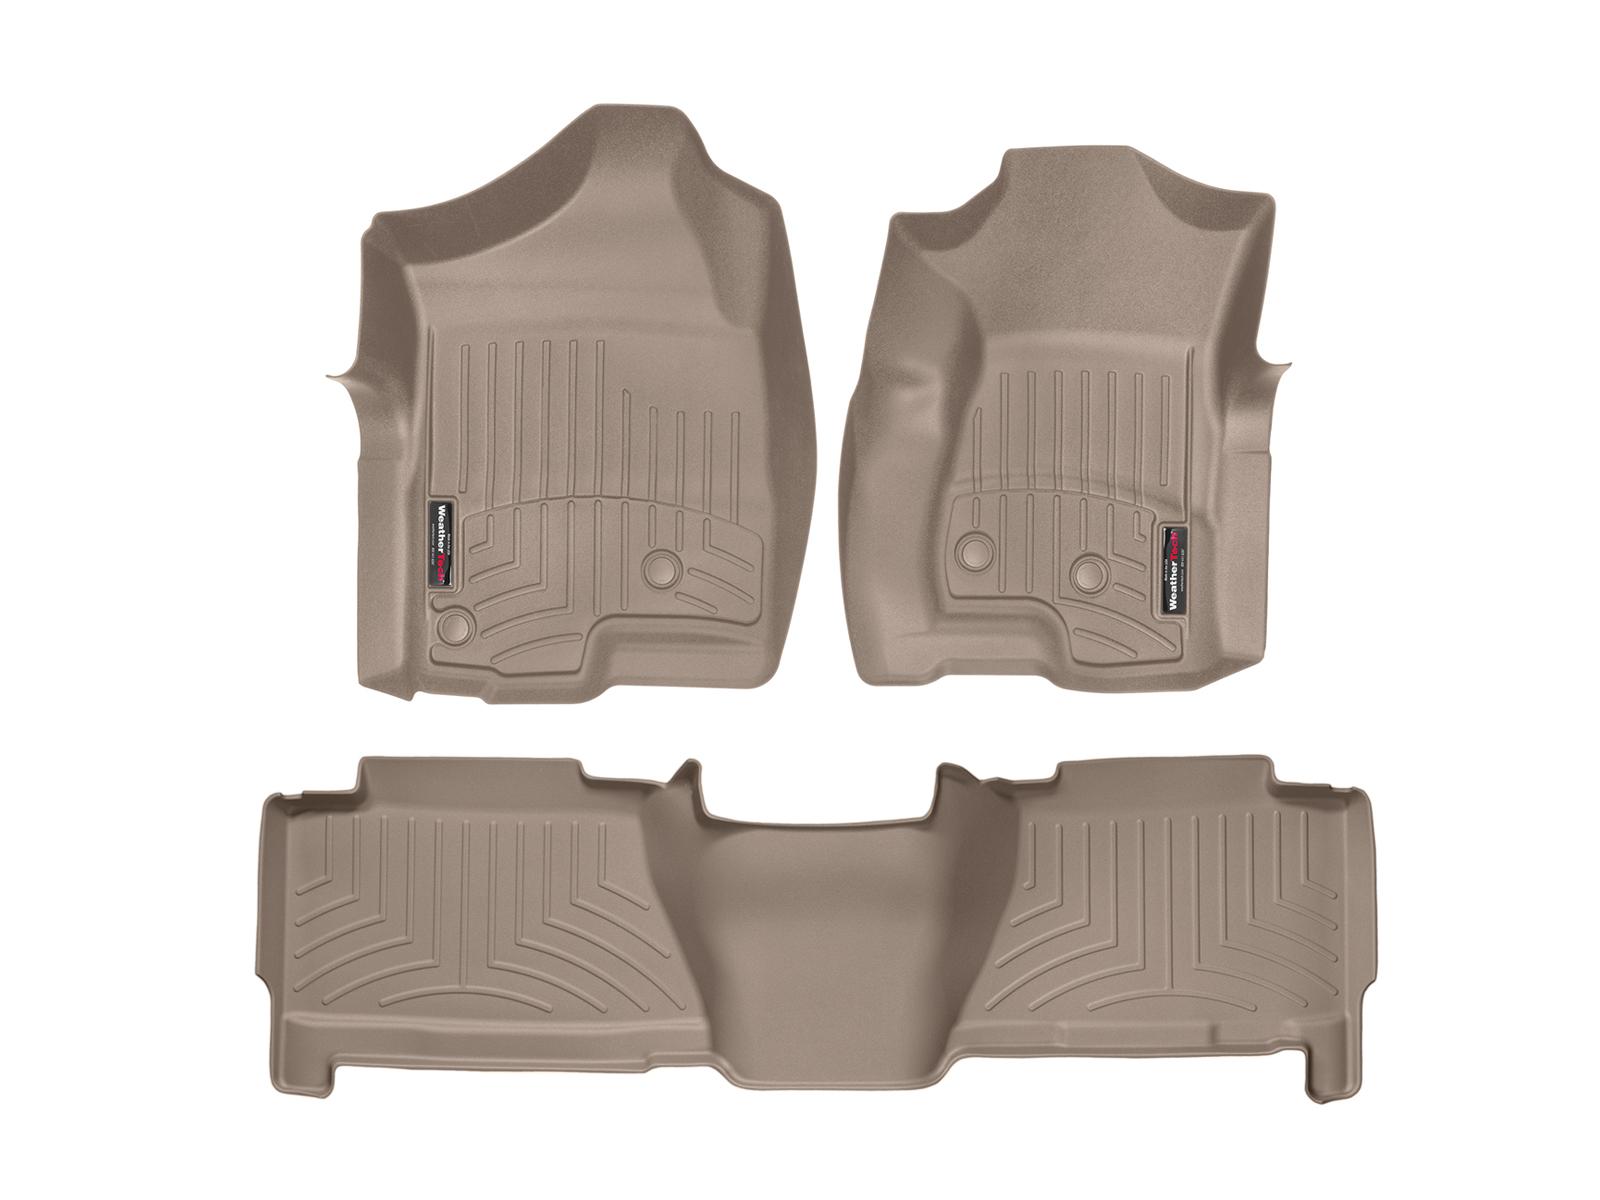 Tappeti gomma su misura bordo alto Chevrolet Silverado 07>07 Marrone A164